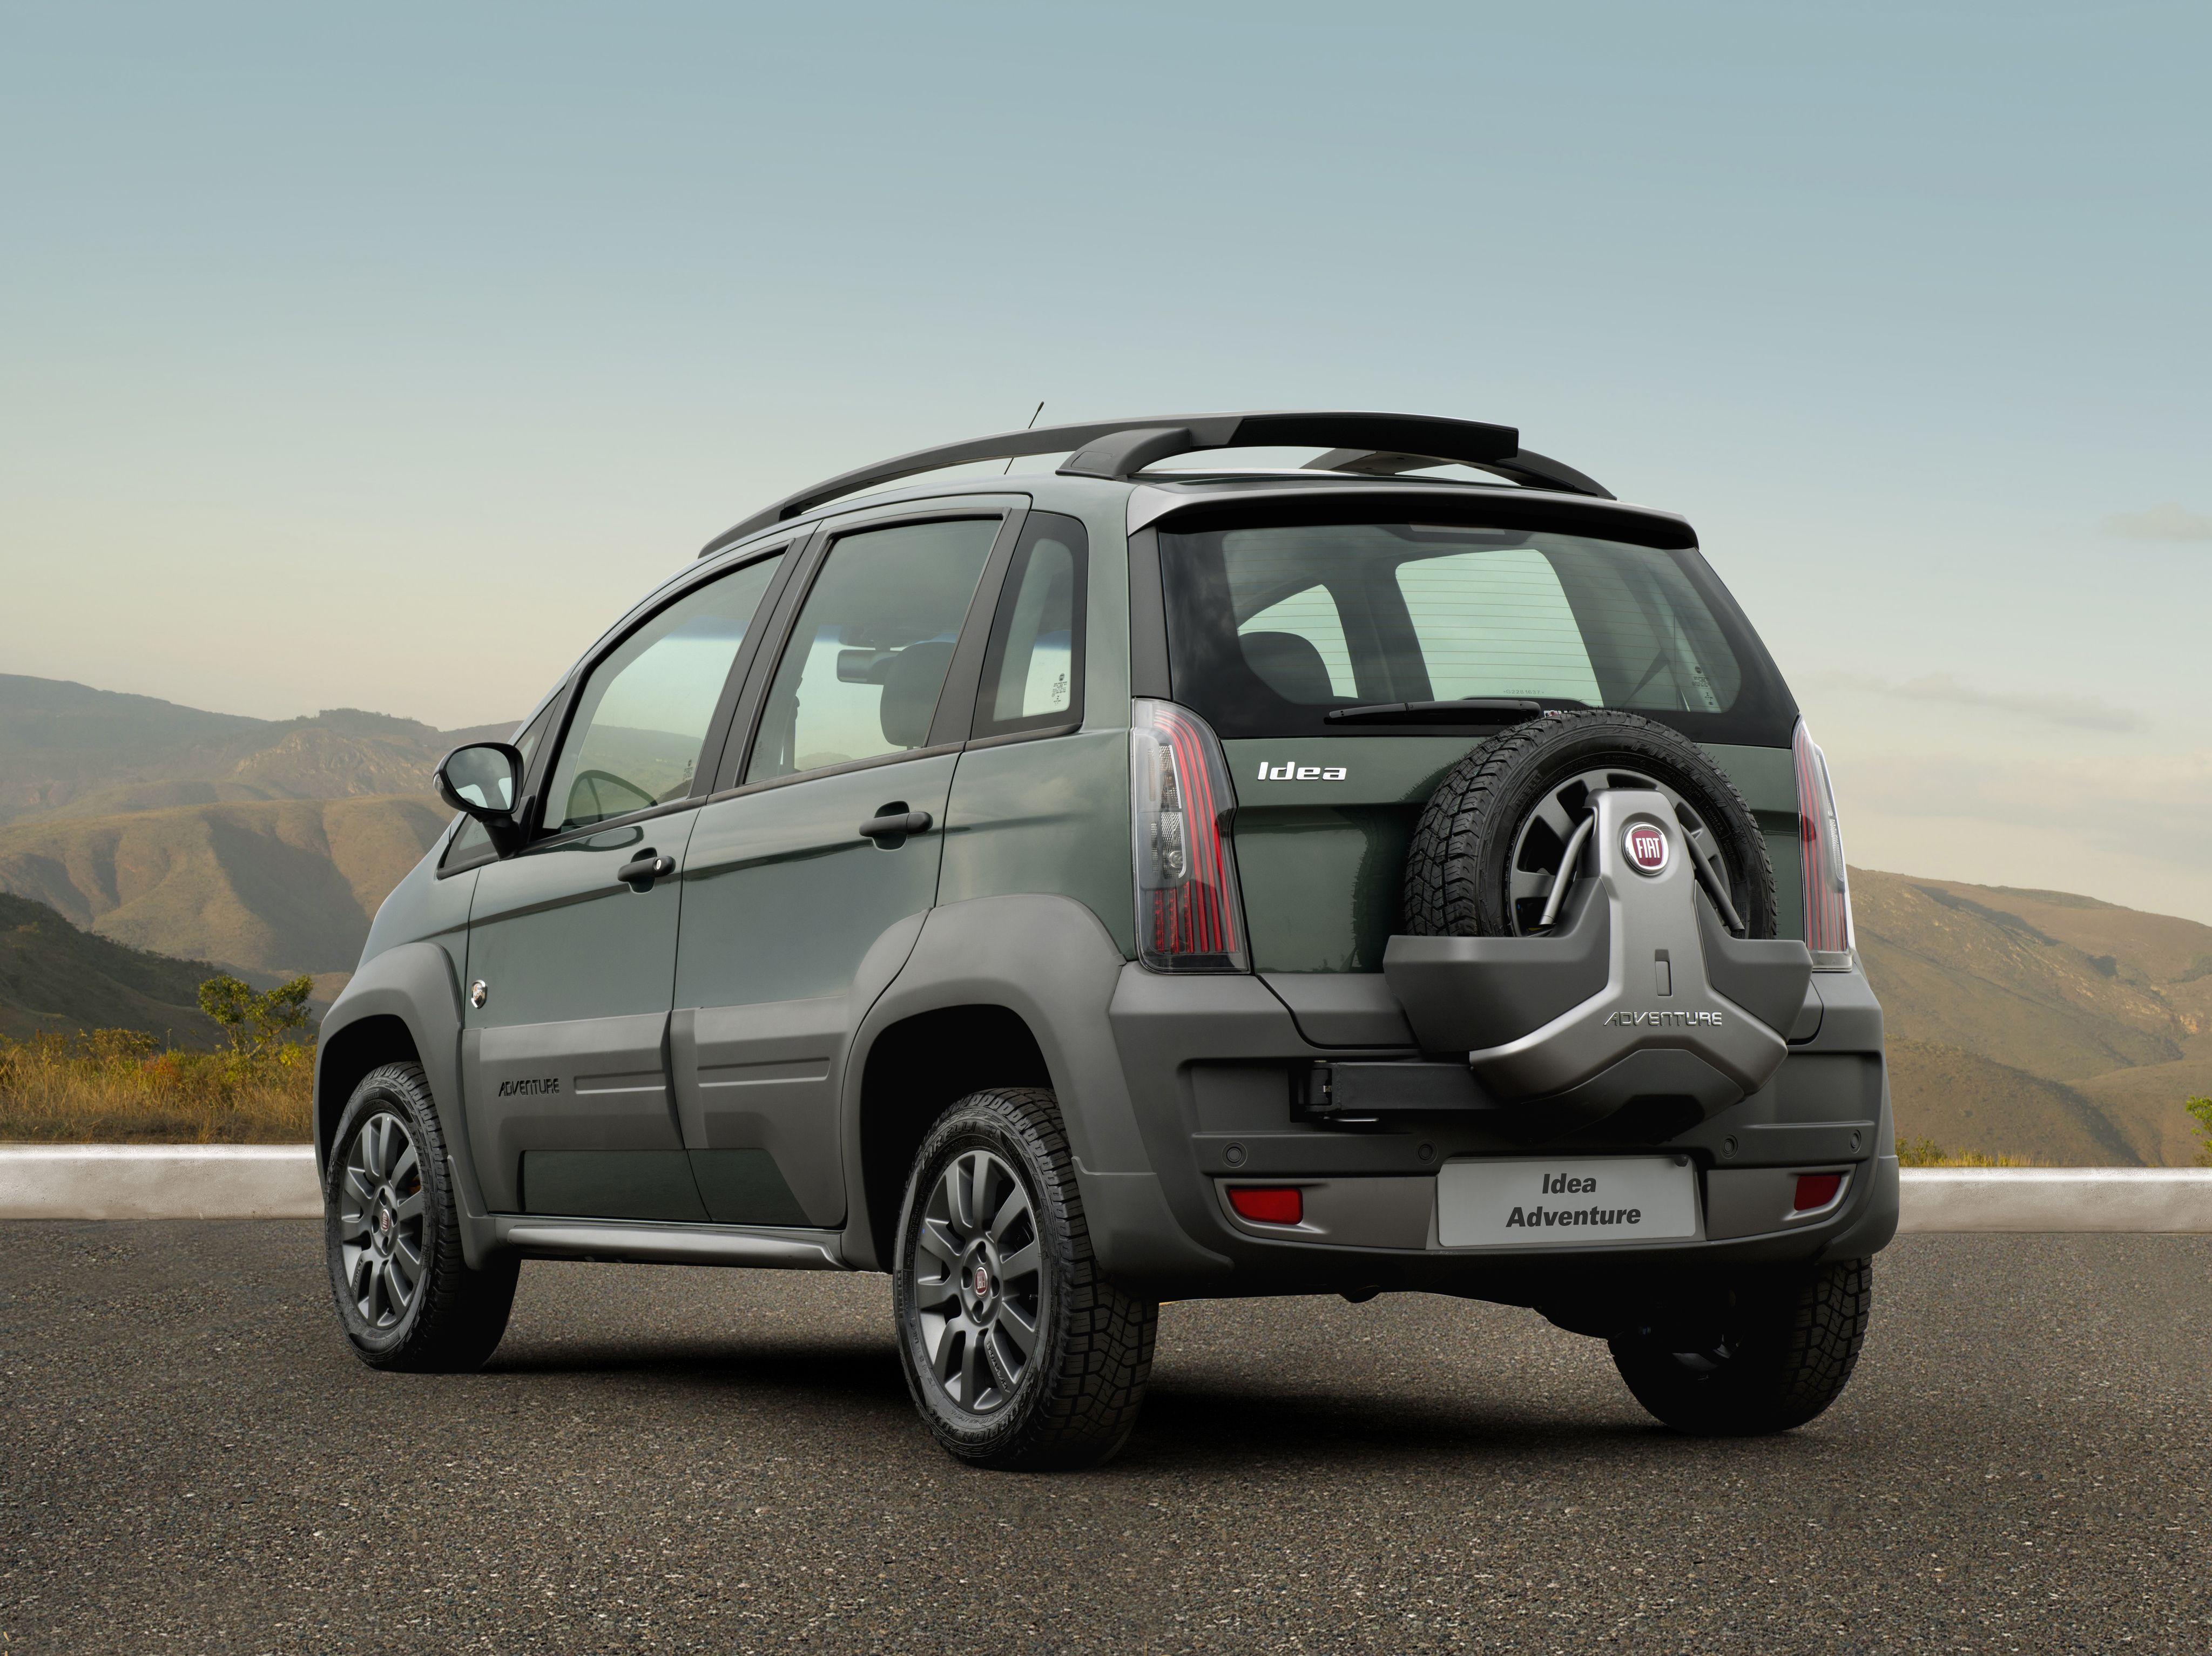 Fiat idea adventure extreme 350 39 2016 fiat fiat for Precio idea adventure 2016